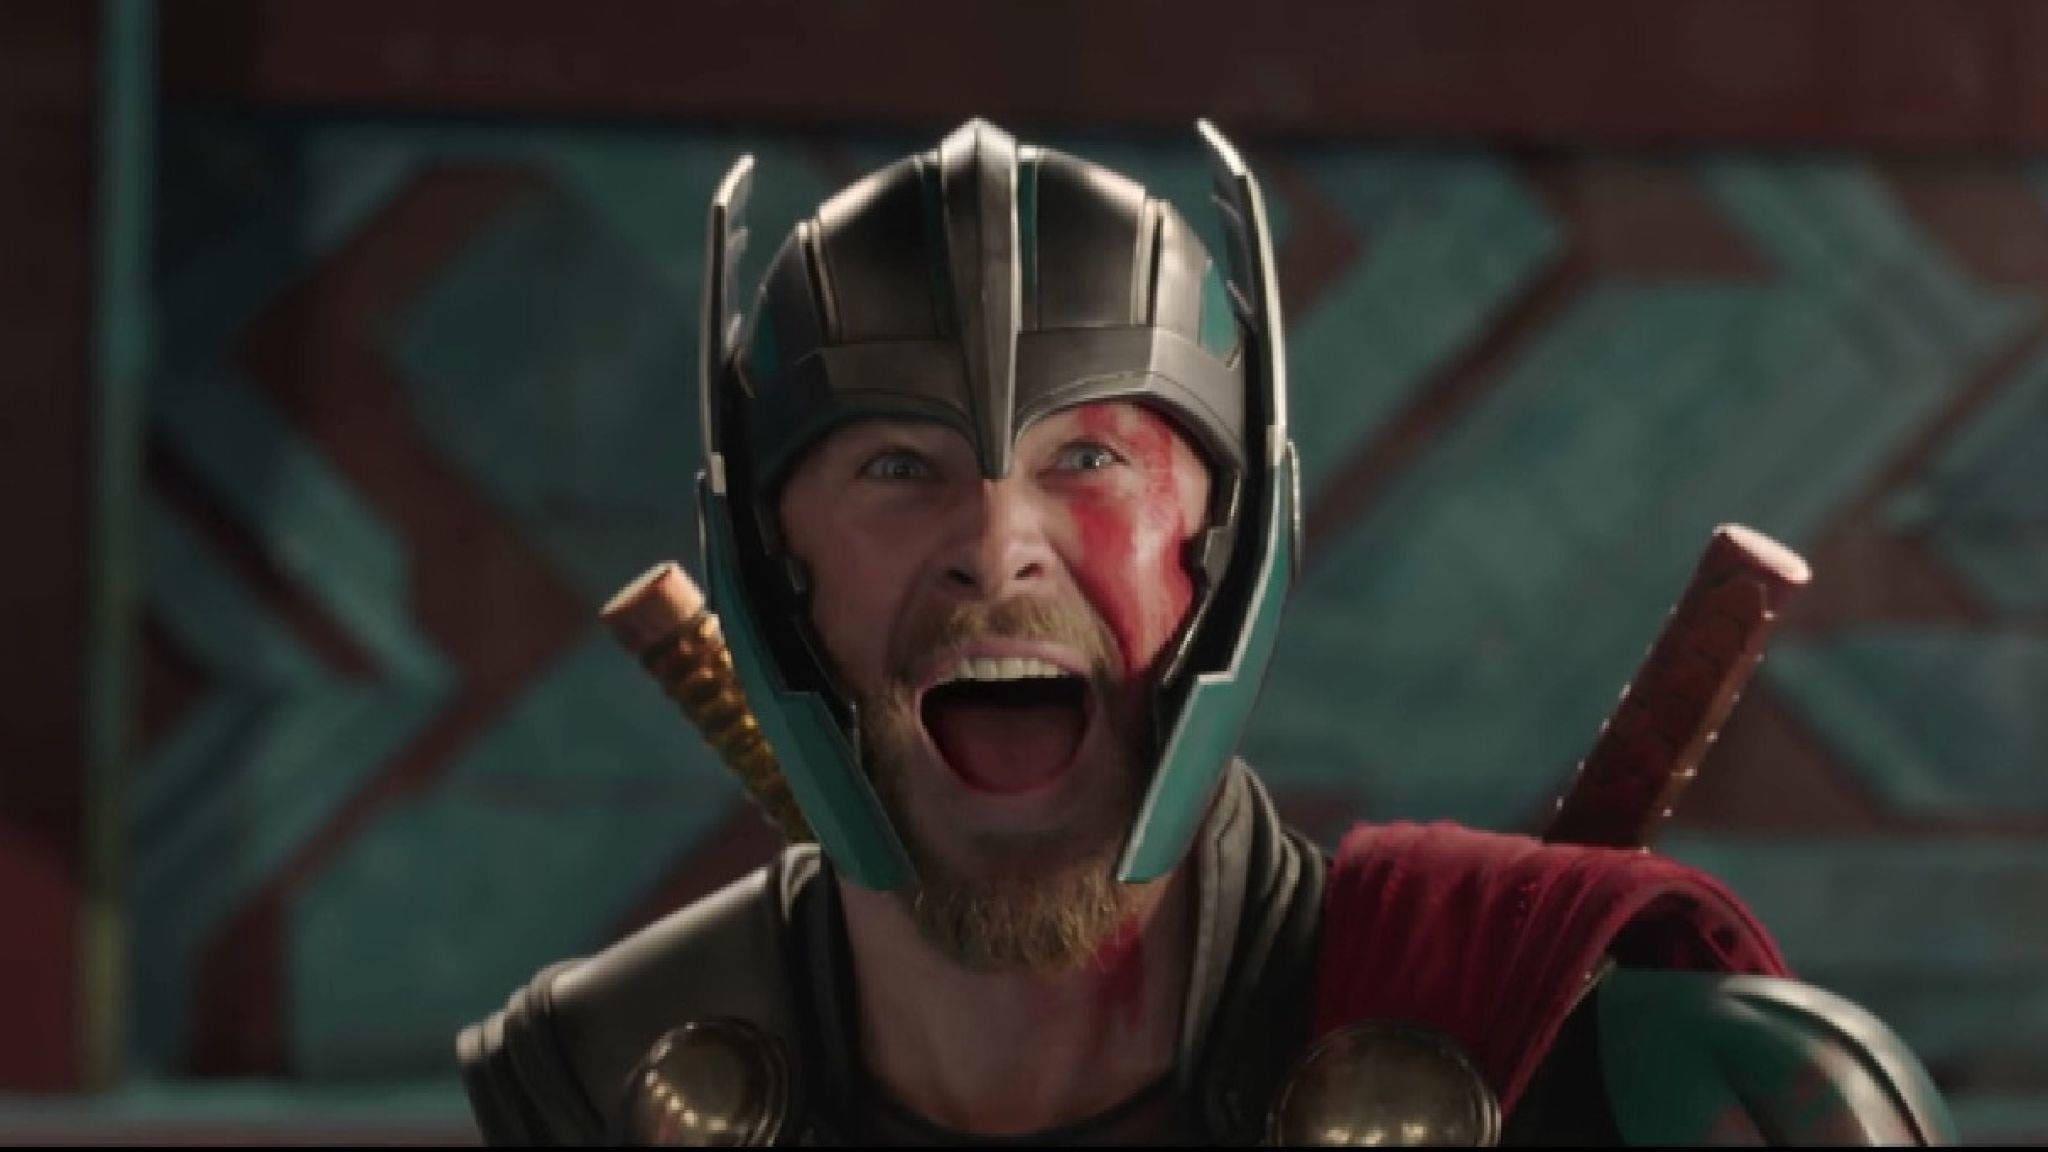 White apron ragnarok - Pre Order Thor 3 Ragnarok Battle Helmet For Cosplay Marvel